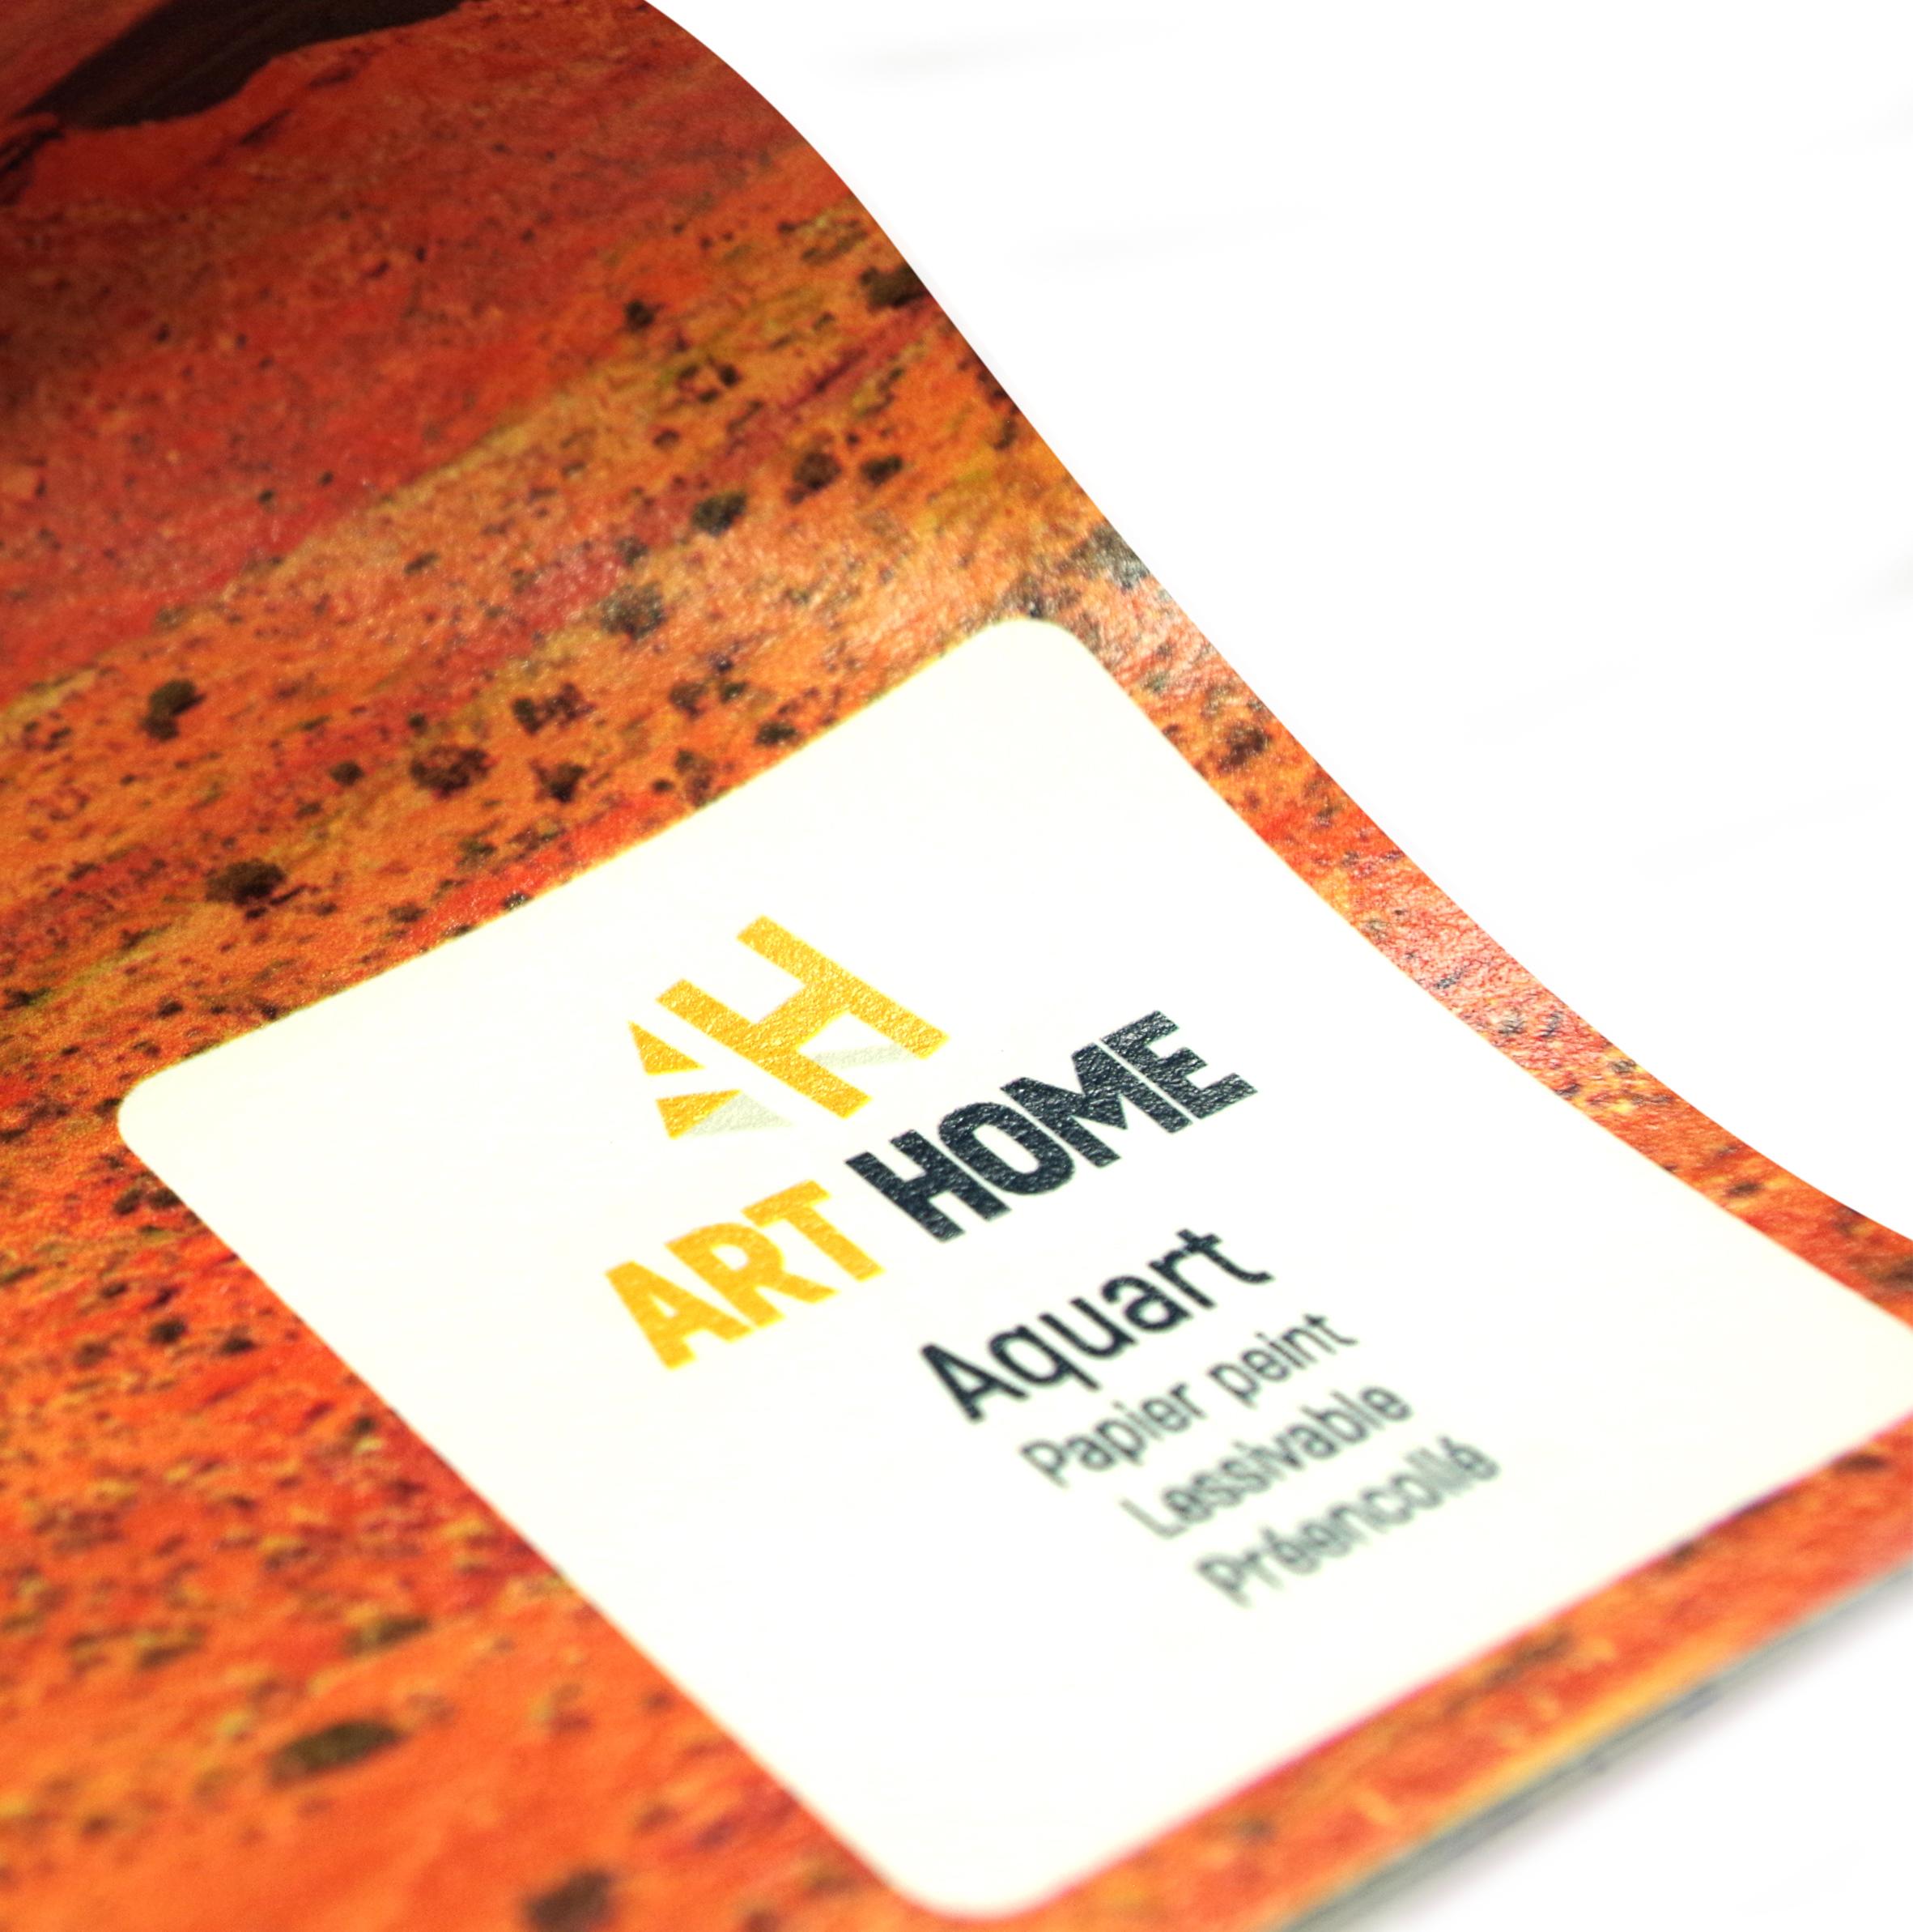 comment choisir les papiers peints art home impression. Black Bedroom Furniture Sets. Home Design Ideas